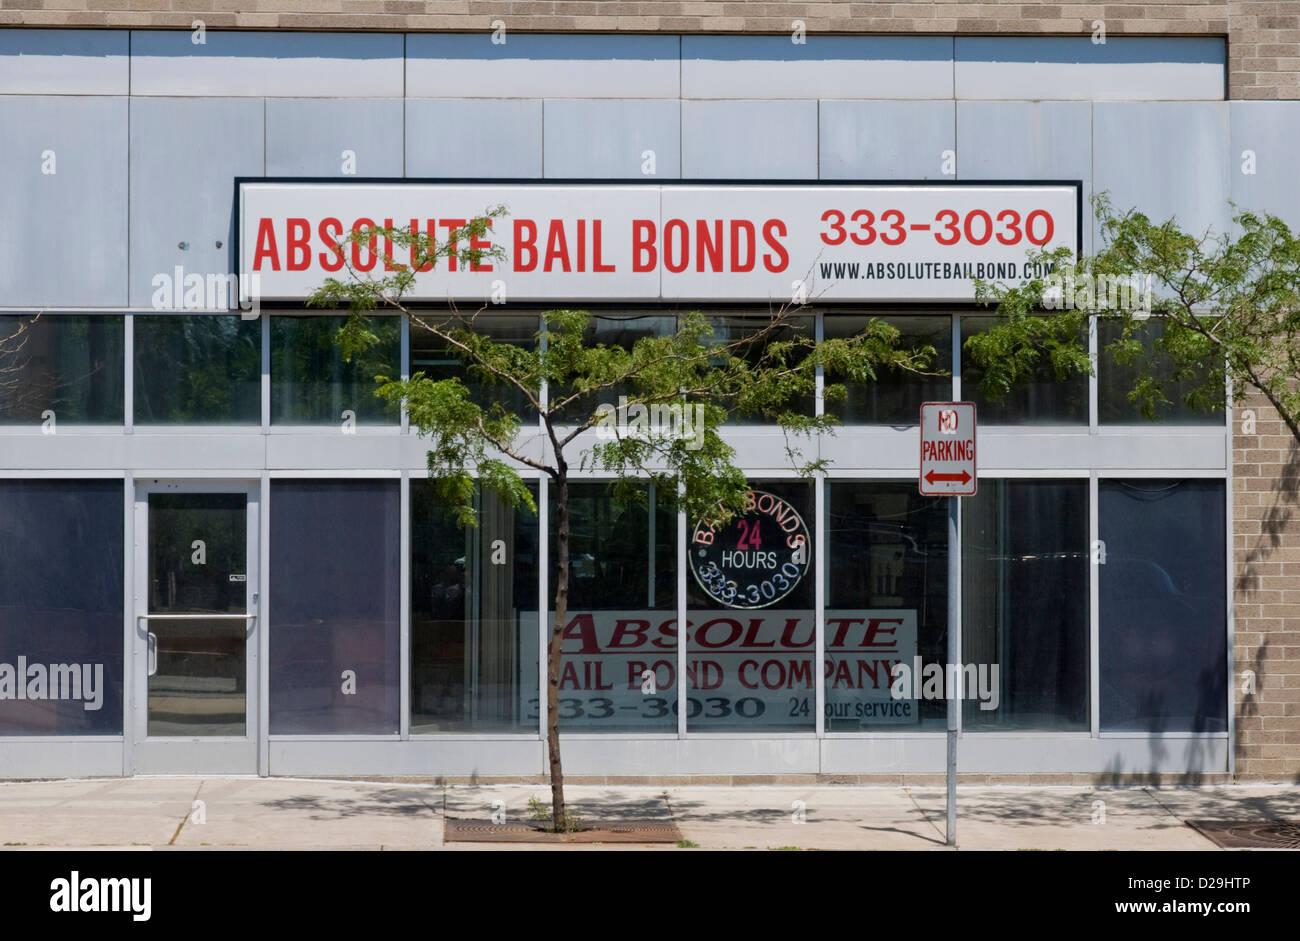 Bail bond company - Stock Image